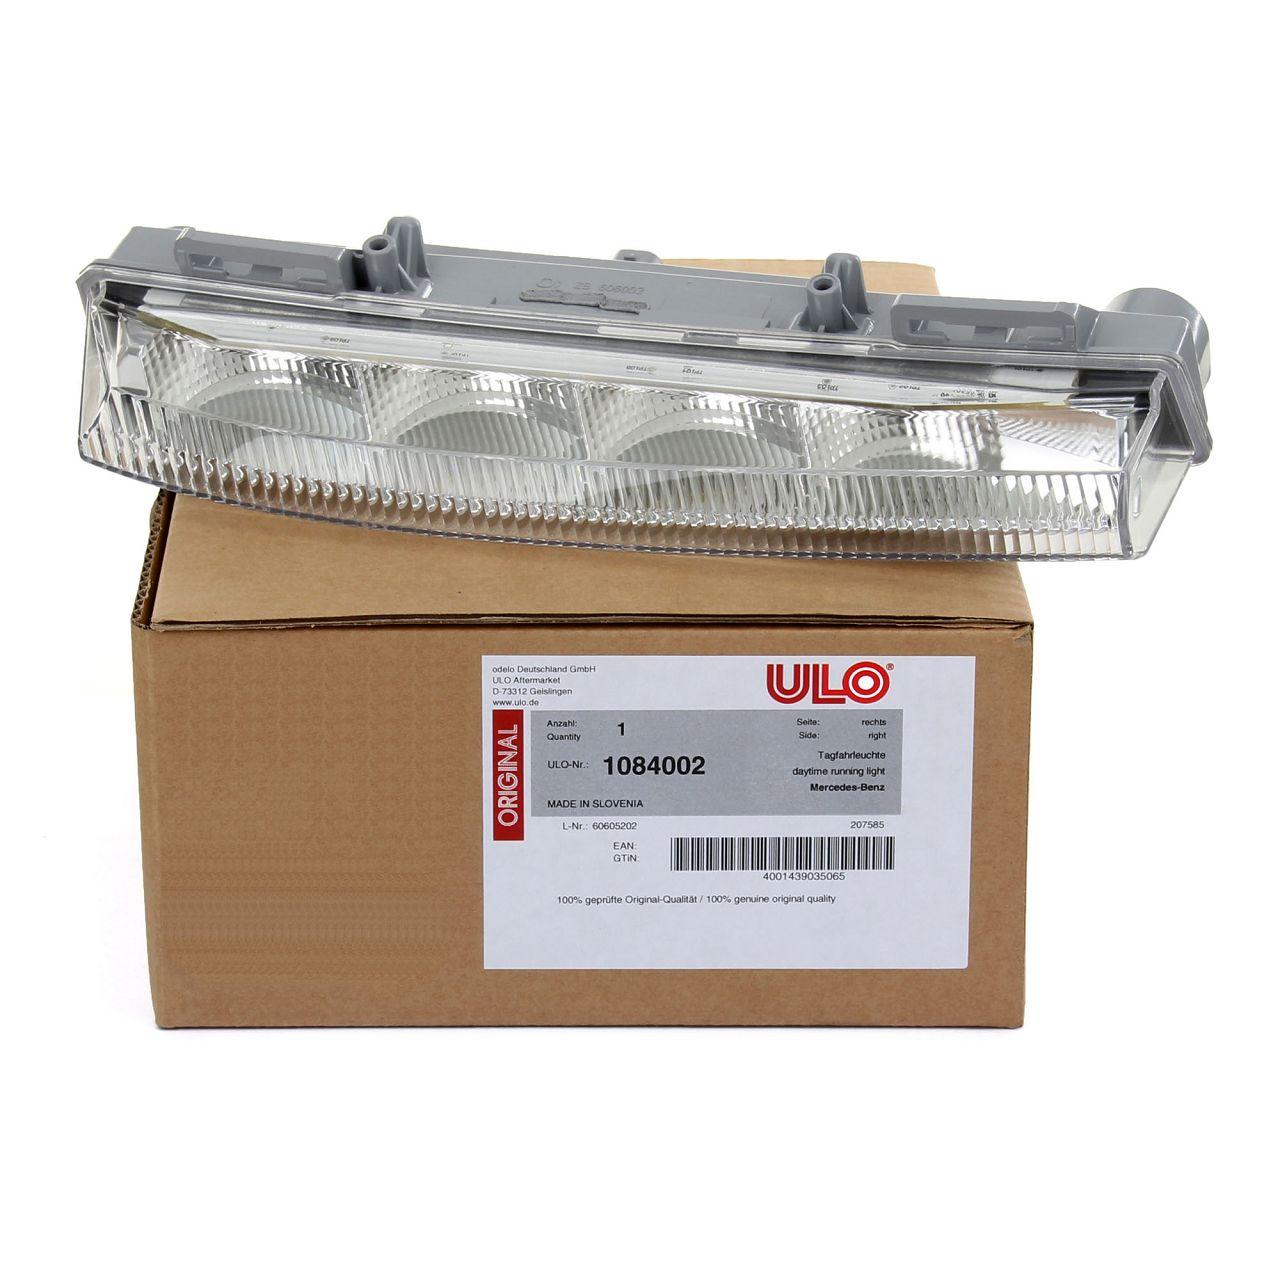 ULO Tagfahrlicht Tagfahrleuchte LED 1084002 C-Klasse E-Klasse vorne rechts